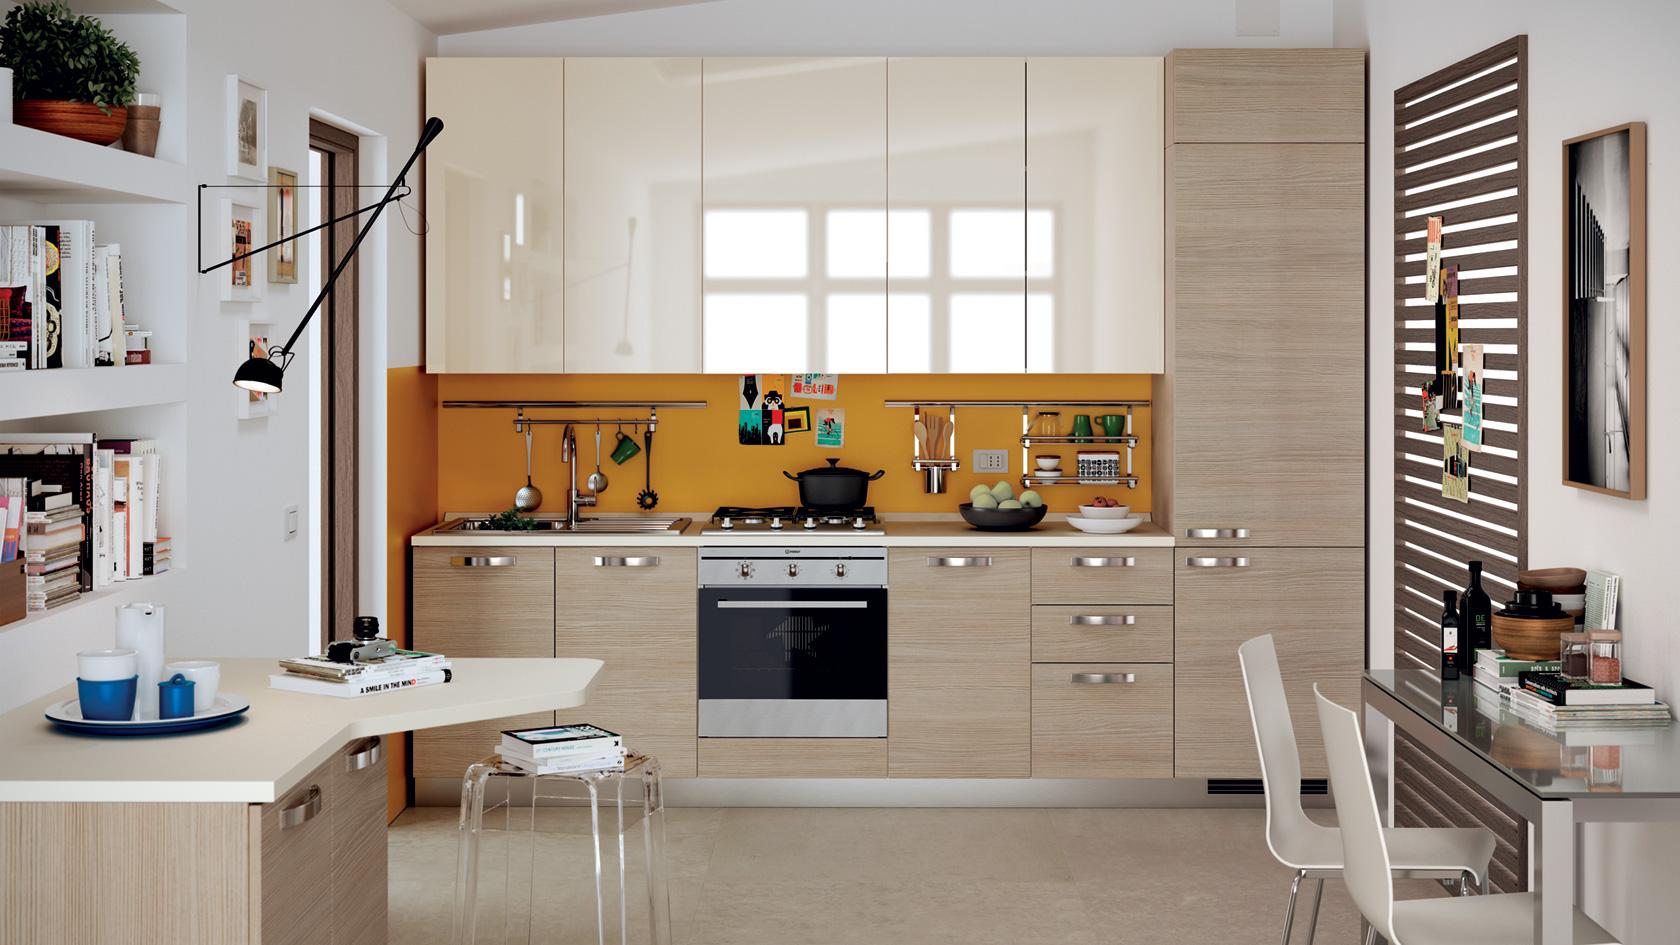 Элитная мебель для кухни из италии коллекции urban & urban m.